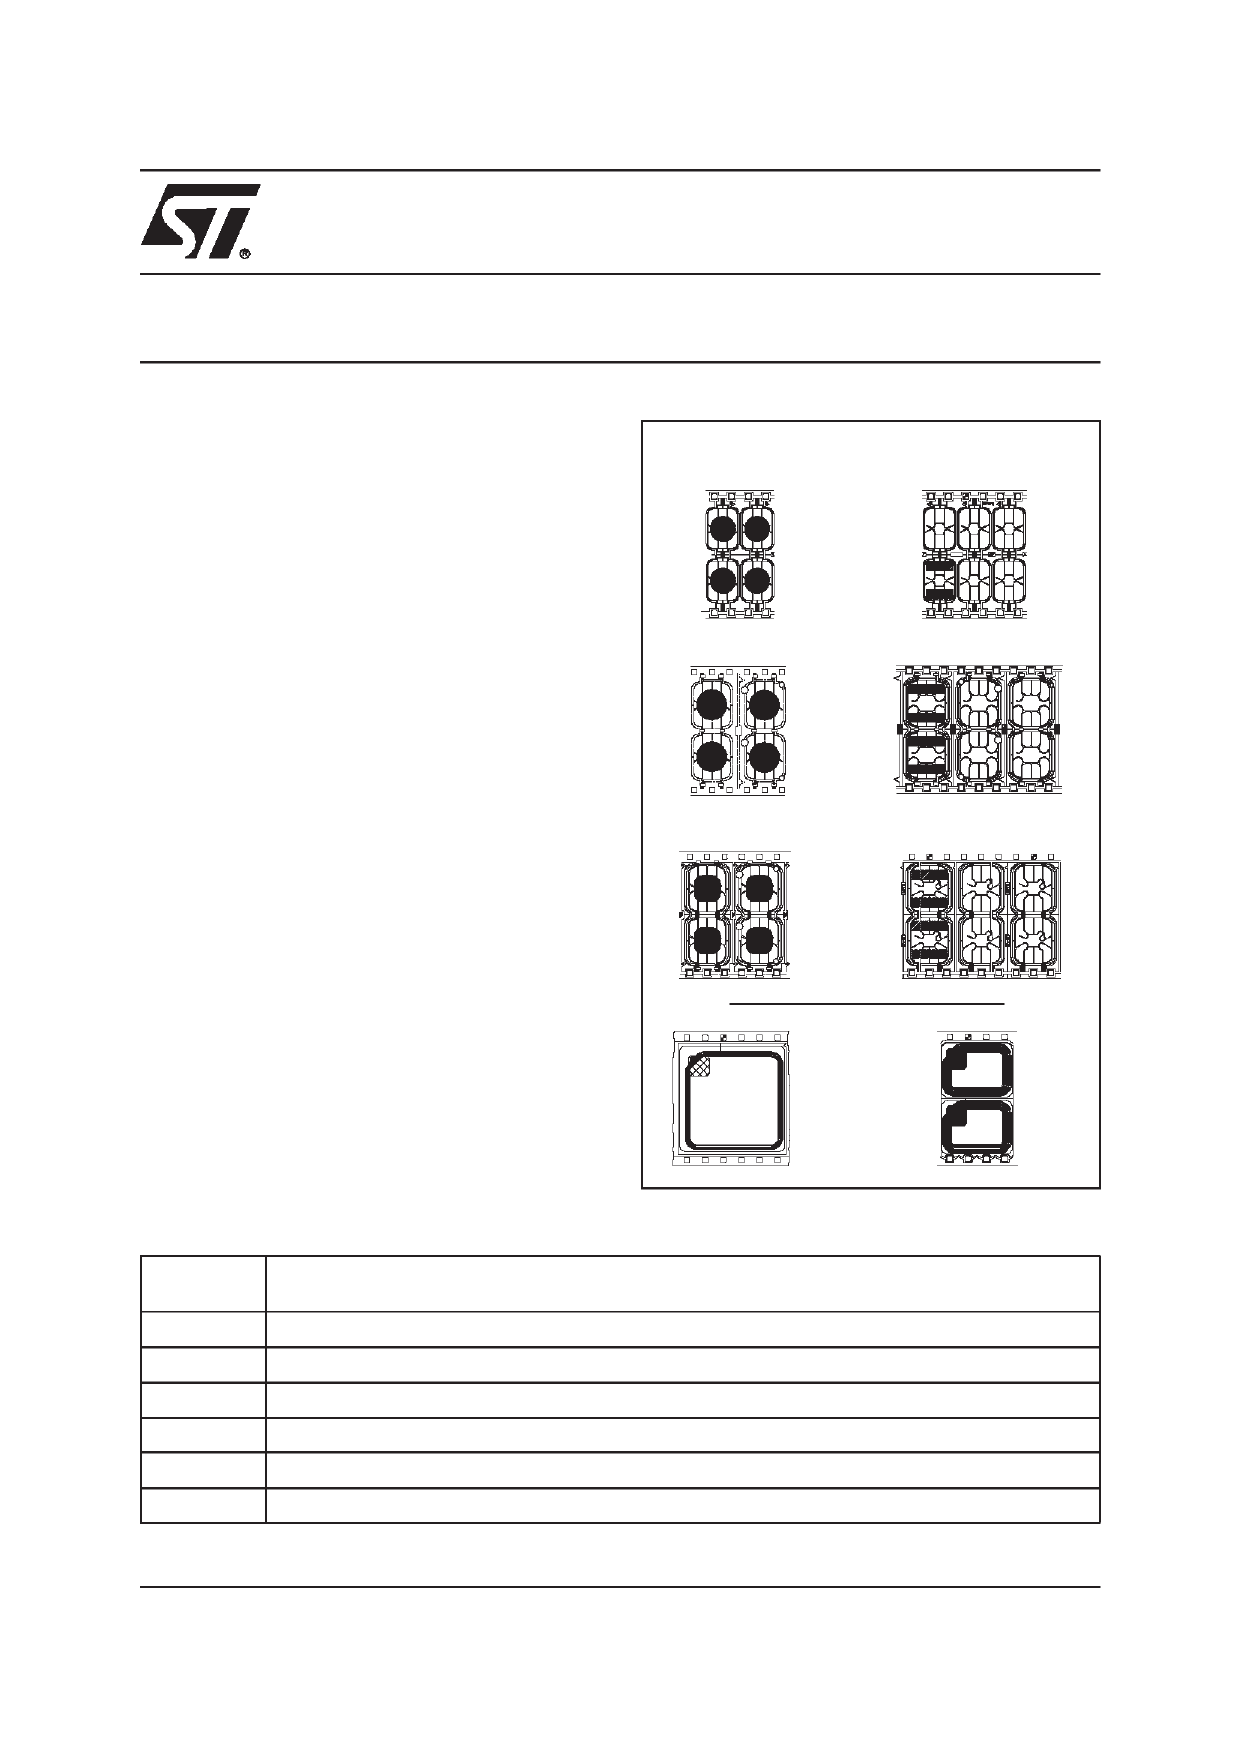 D10 datasheet